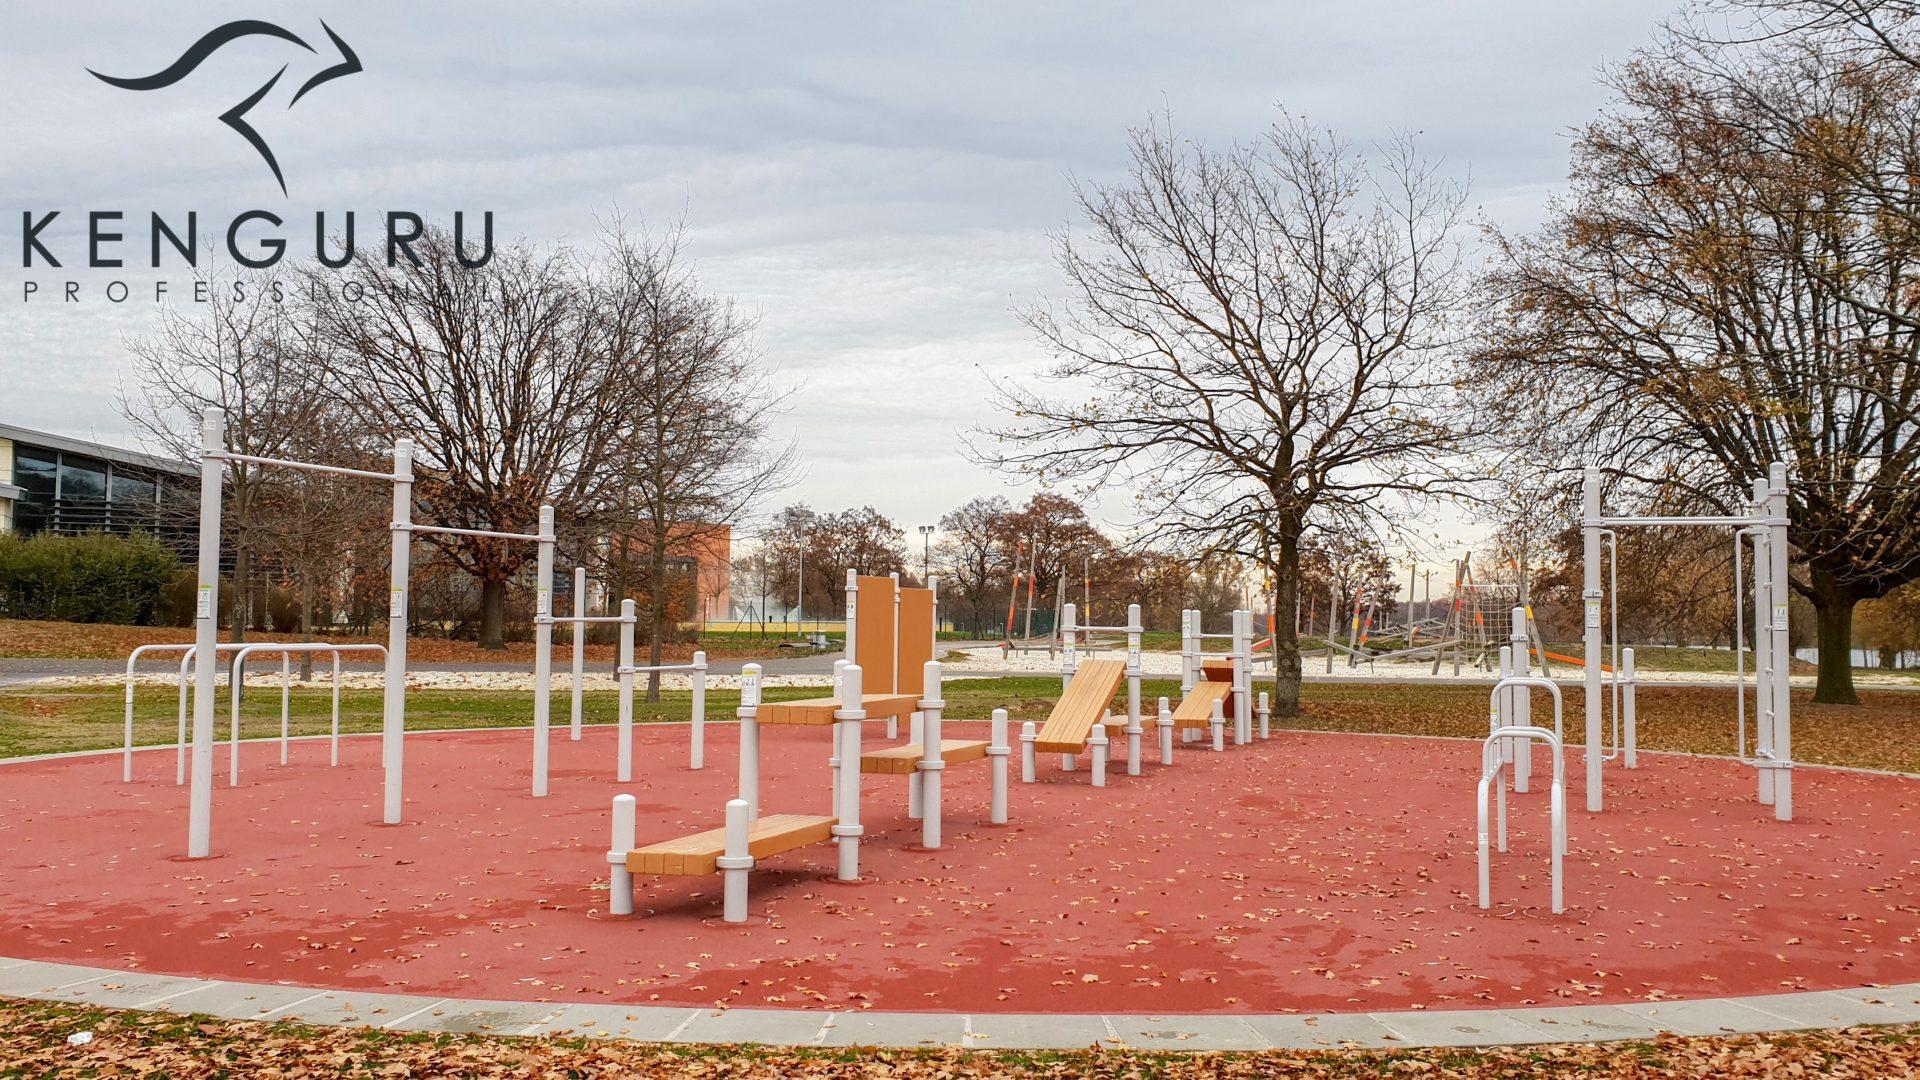 Νέο πάρκο Kenguru Pro που χτίστηκε στο Wolfsburg της Γερμανίας